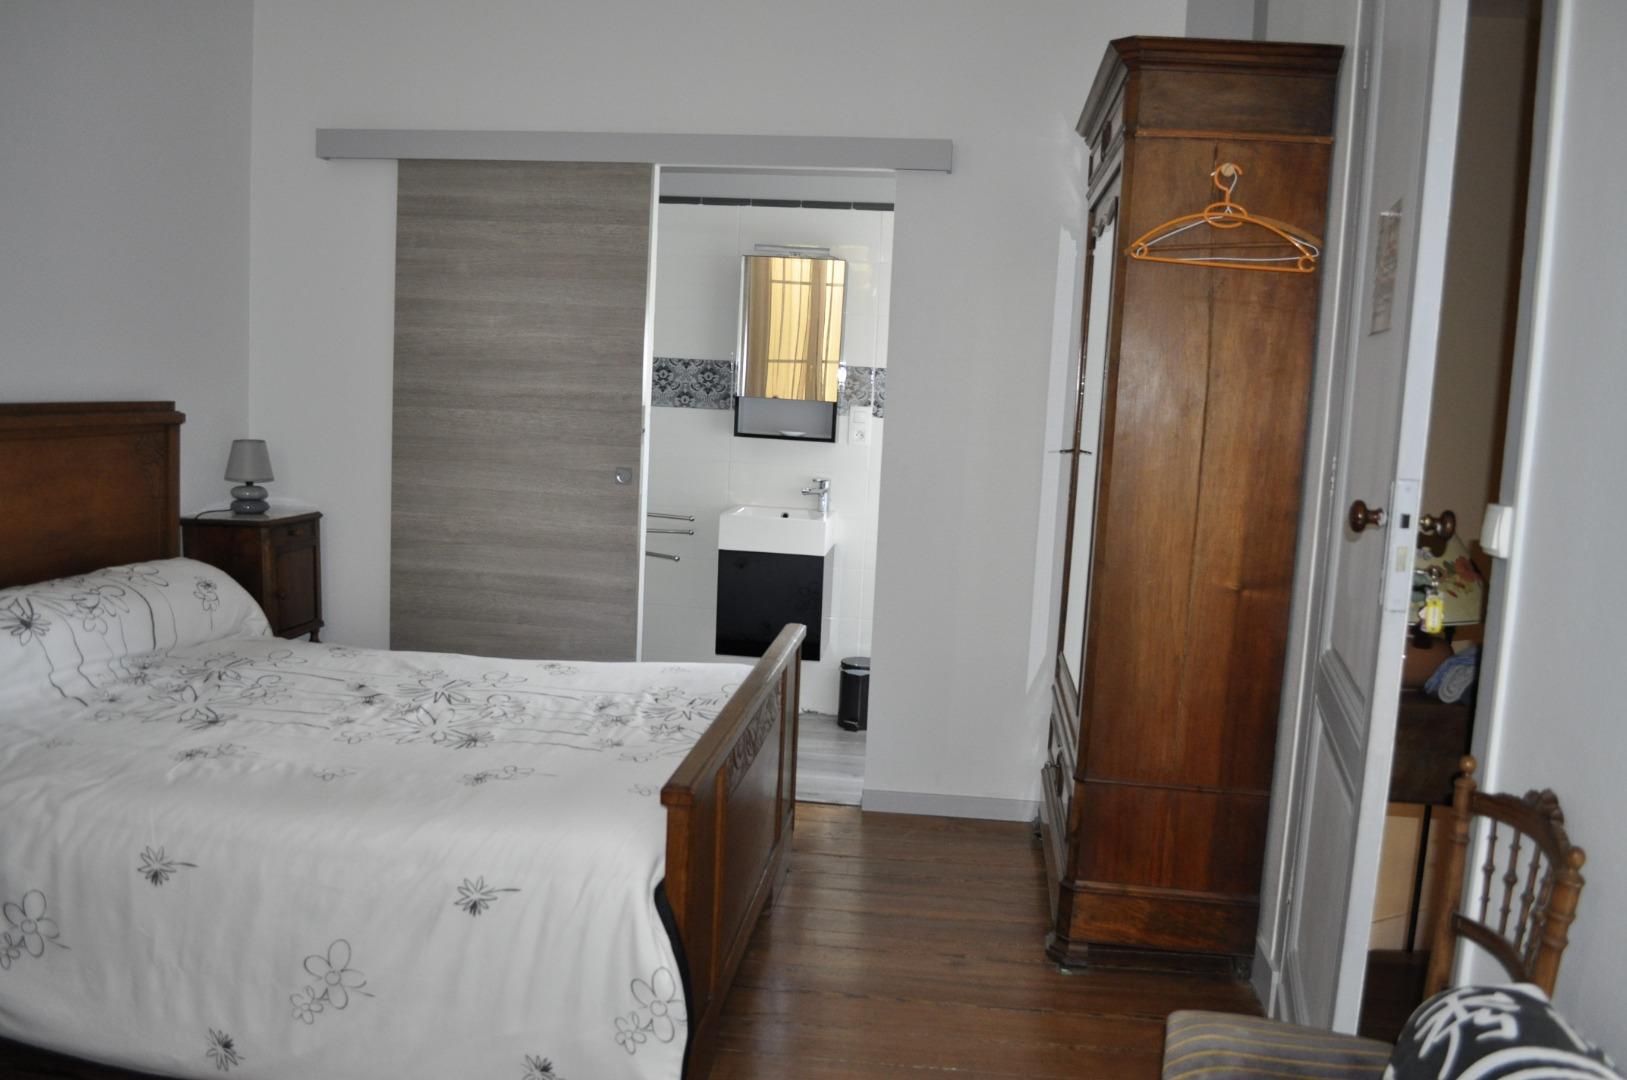 Chambre d'hôte spacieuse près de Bordeaux